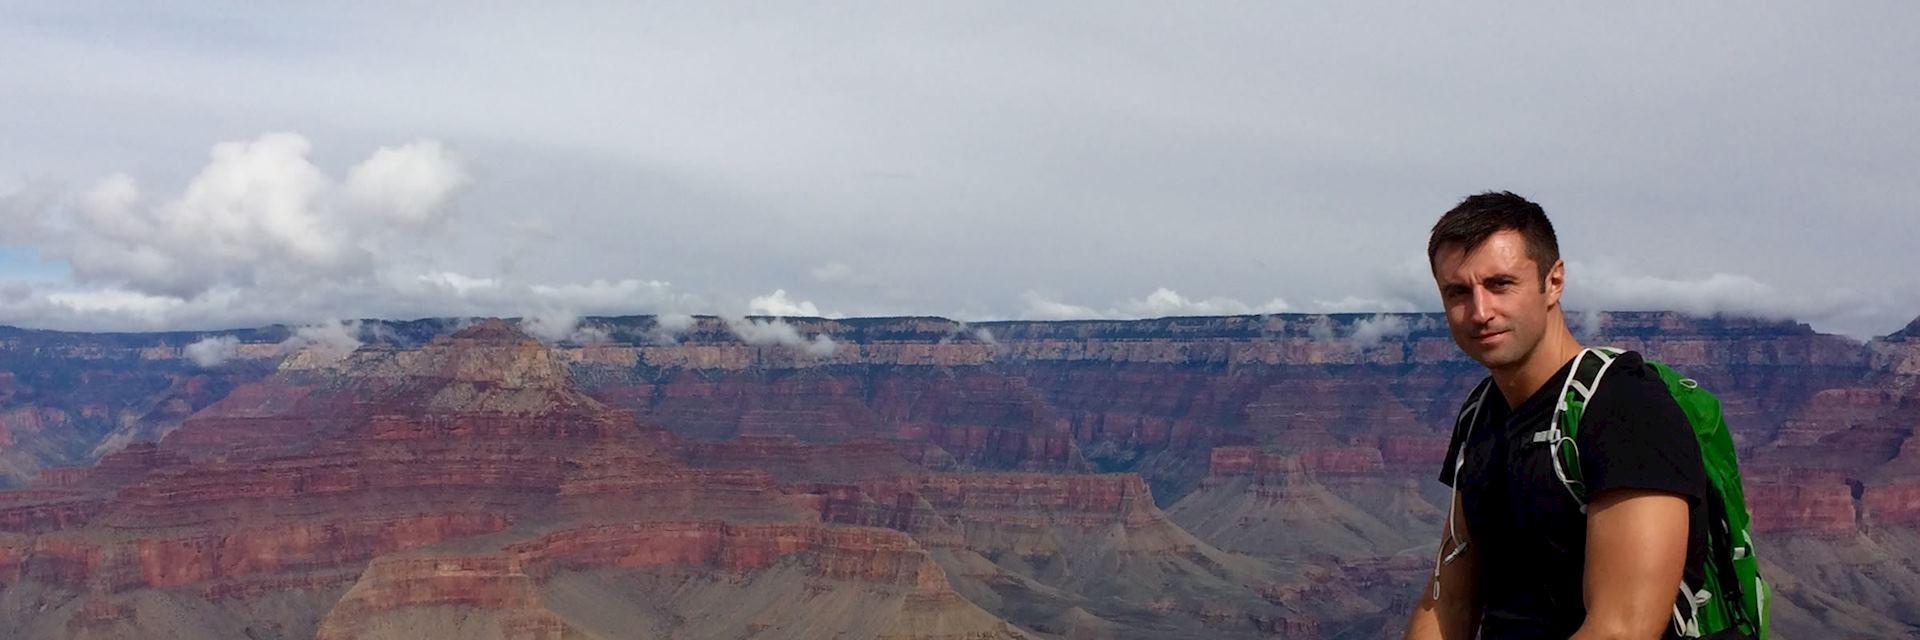 George at Grand Canyon South Rim, Arizona